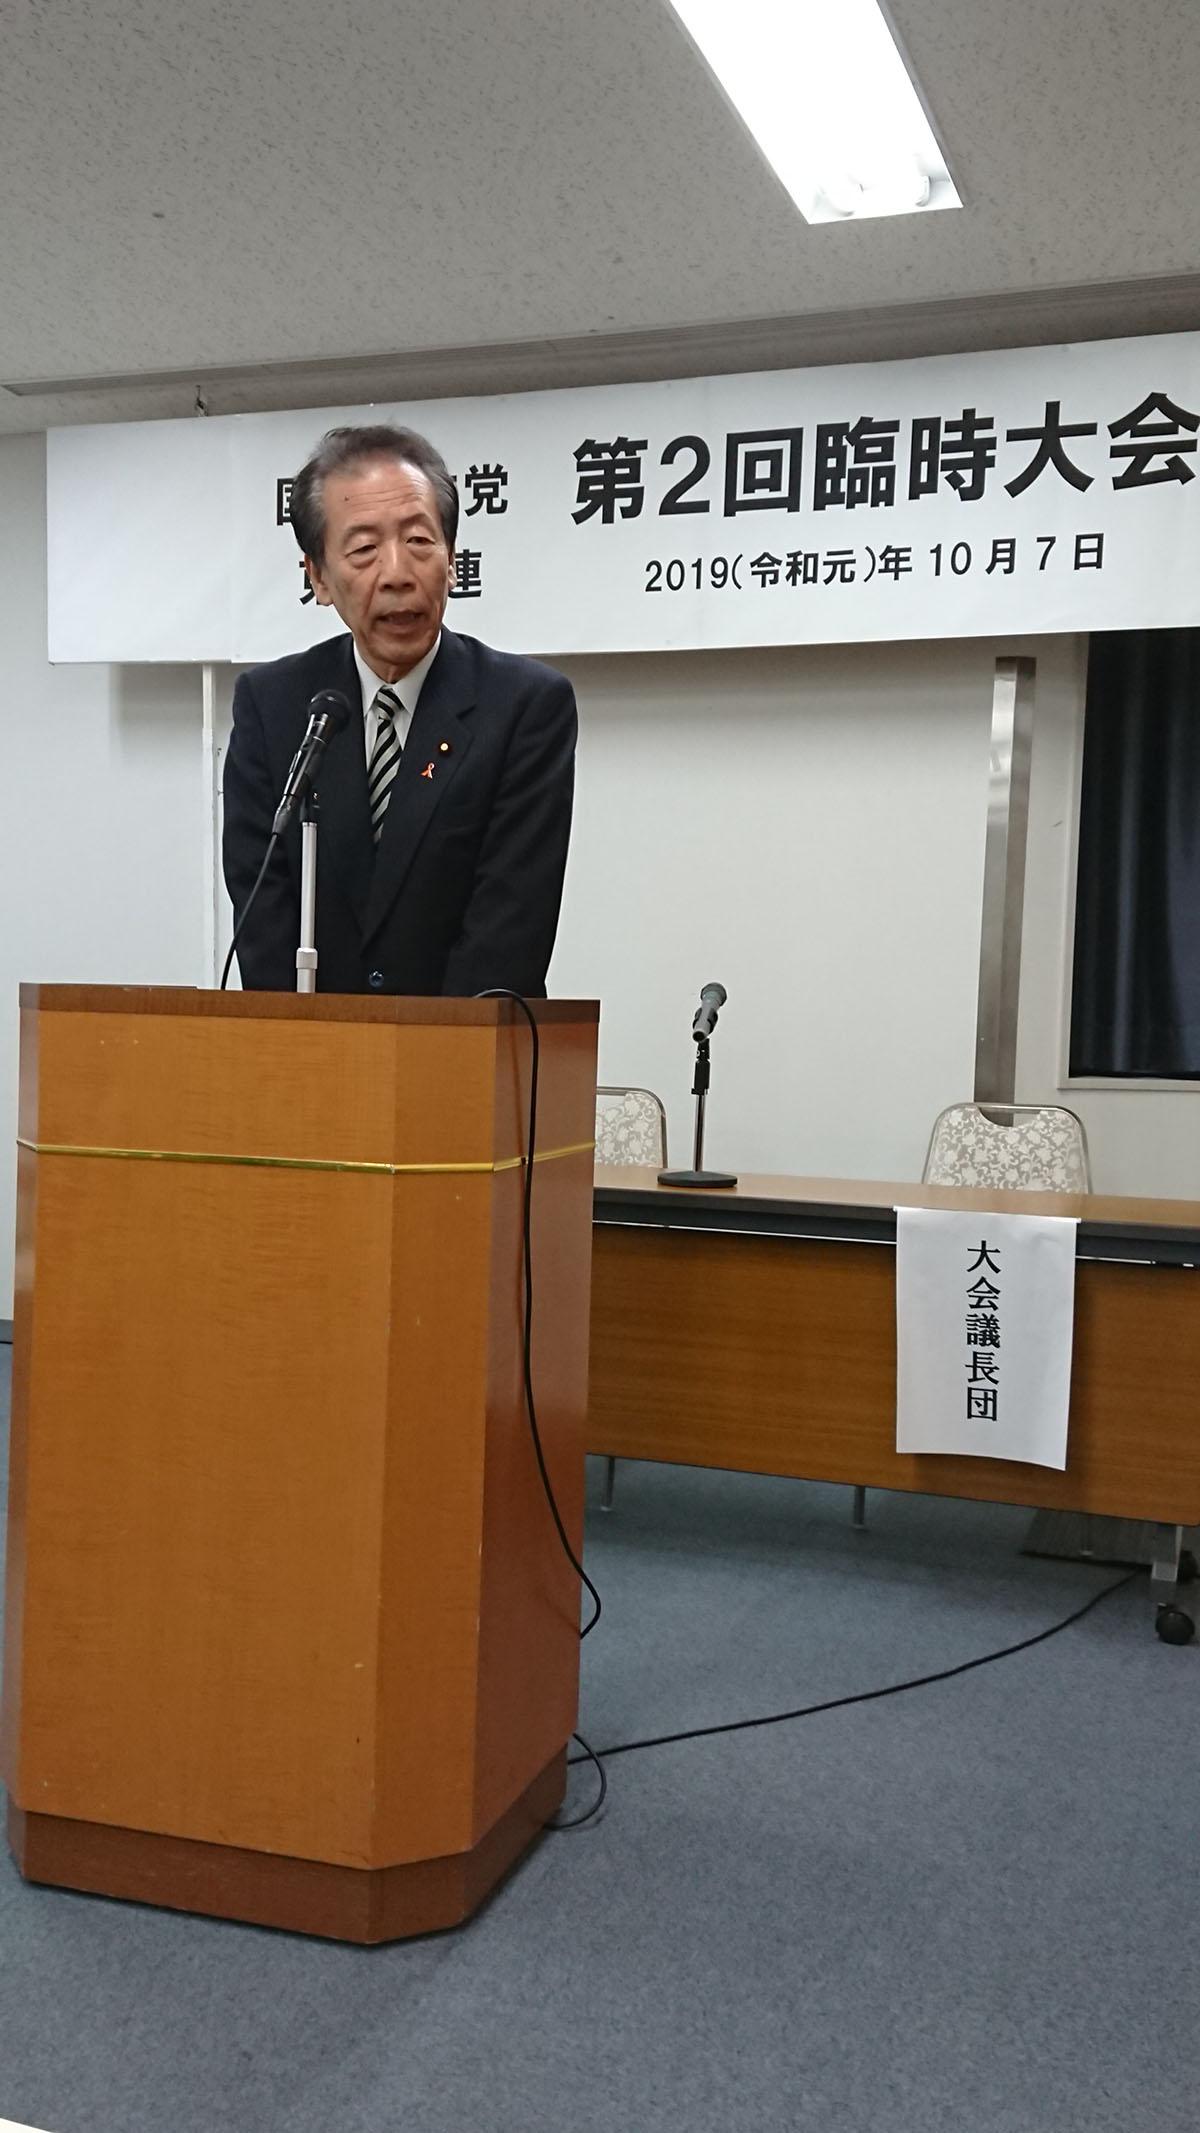 来賓:平野博文幹事長挨拶